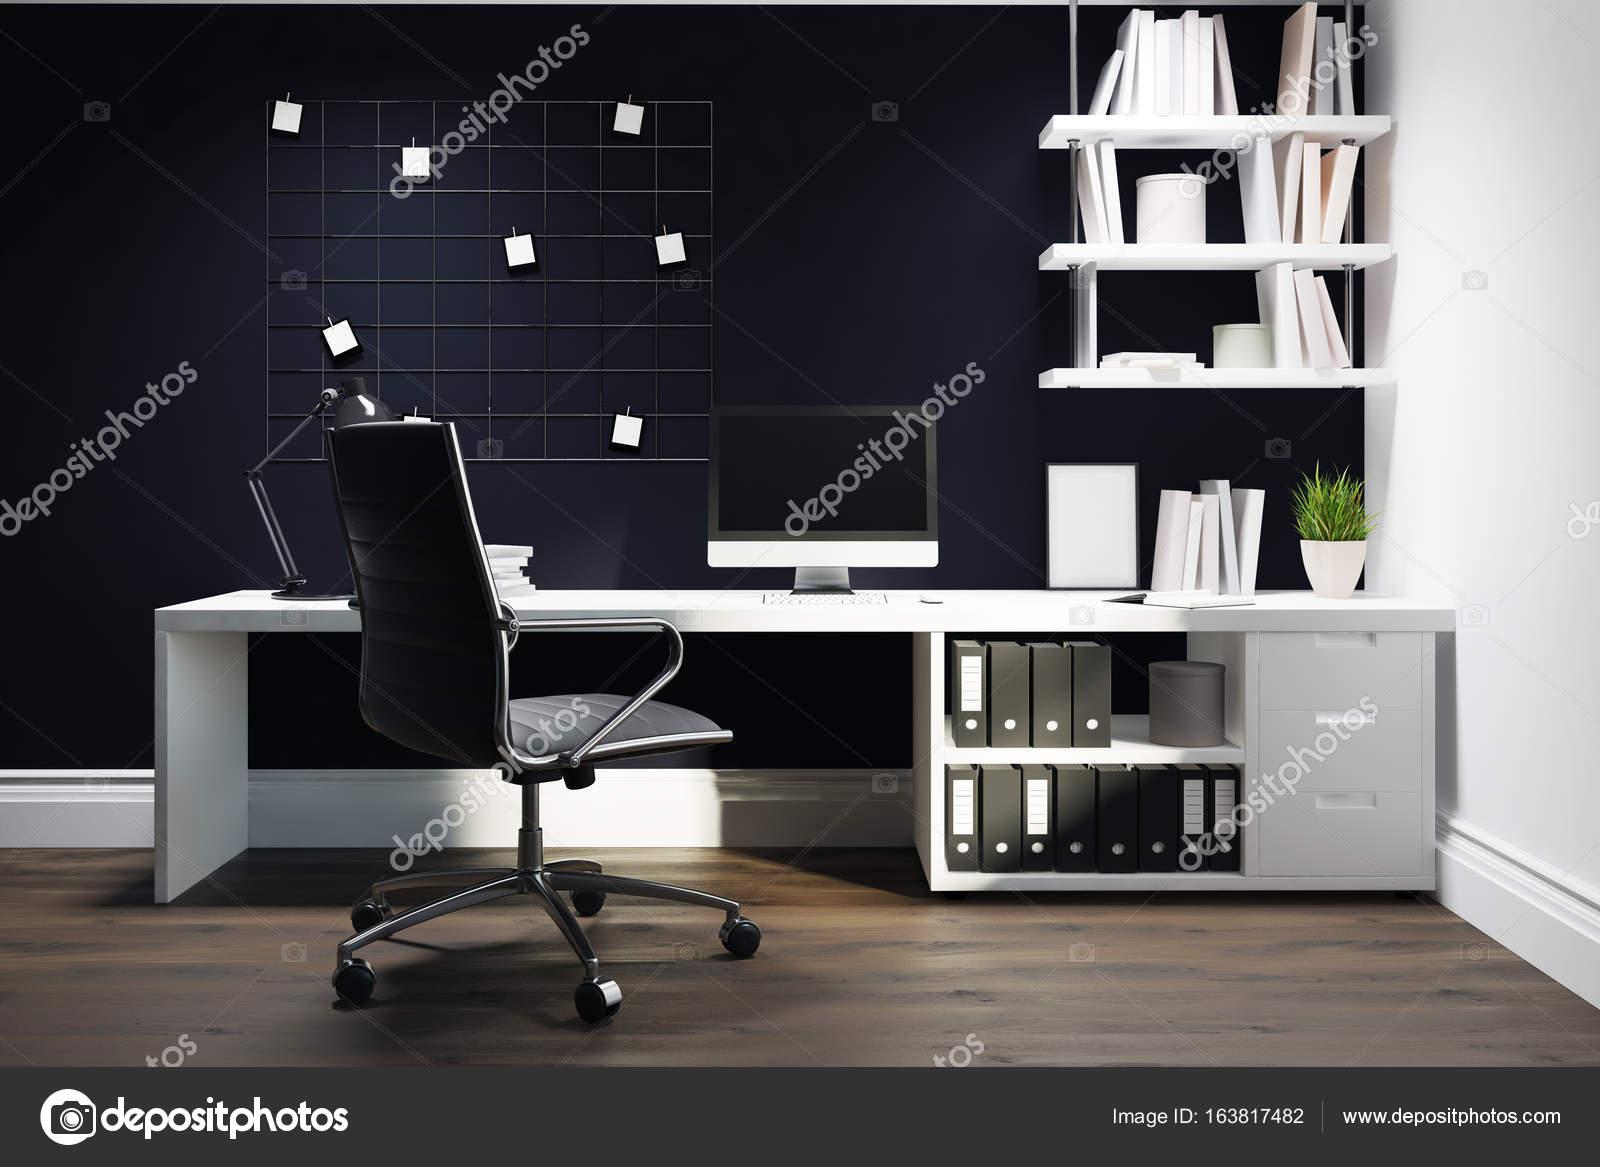 Chaise de bureau à domicile noir mur noir u photographie